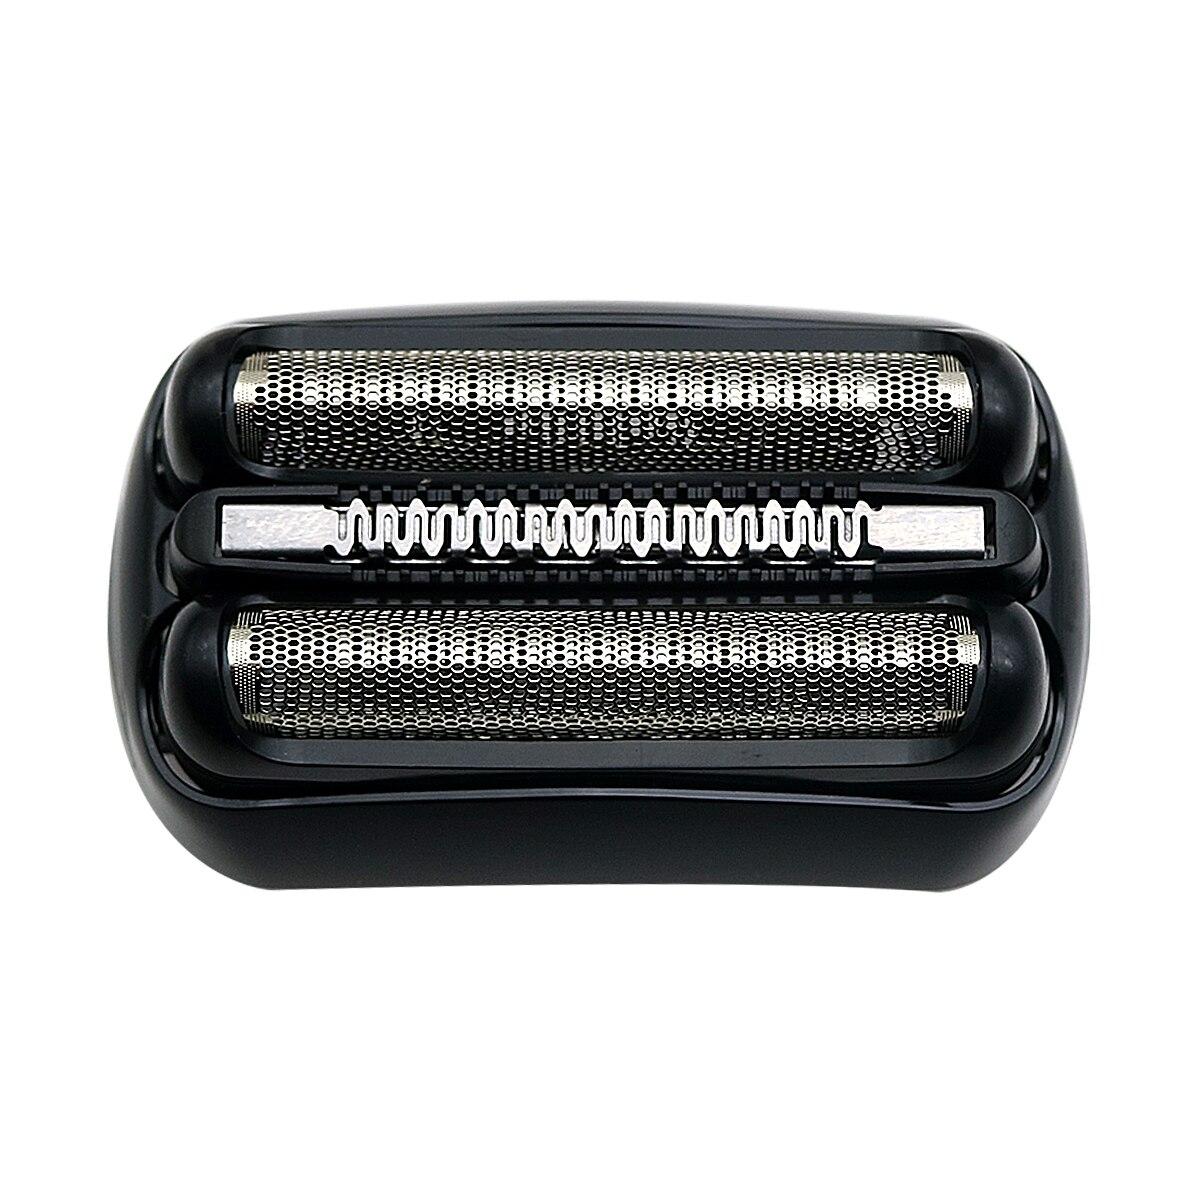 21b para braun série 3 folha de barbear elétrico & cabeça cortador 320 330 340 350 380 300s 301s 310s 3000s 3020s 330s-4 3050cc 3040s